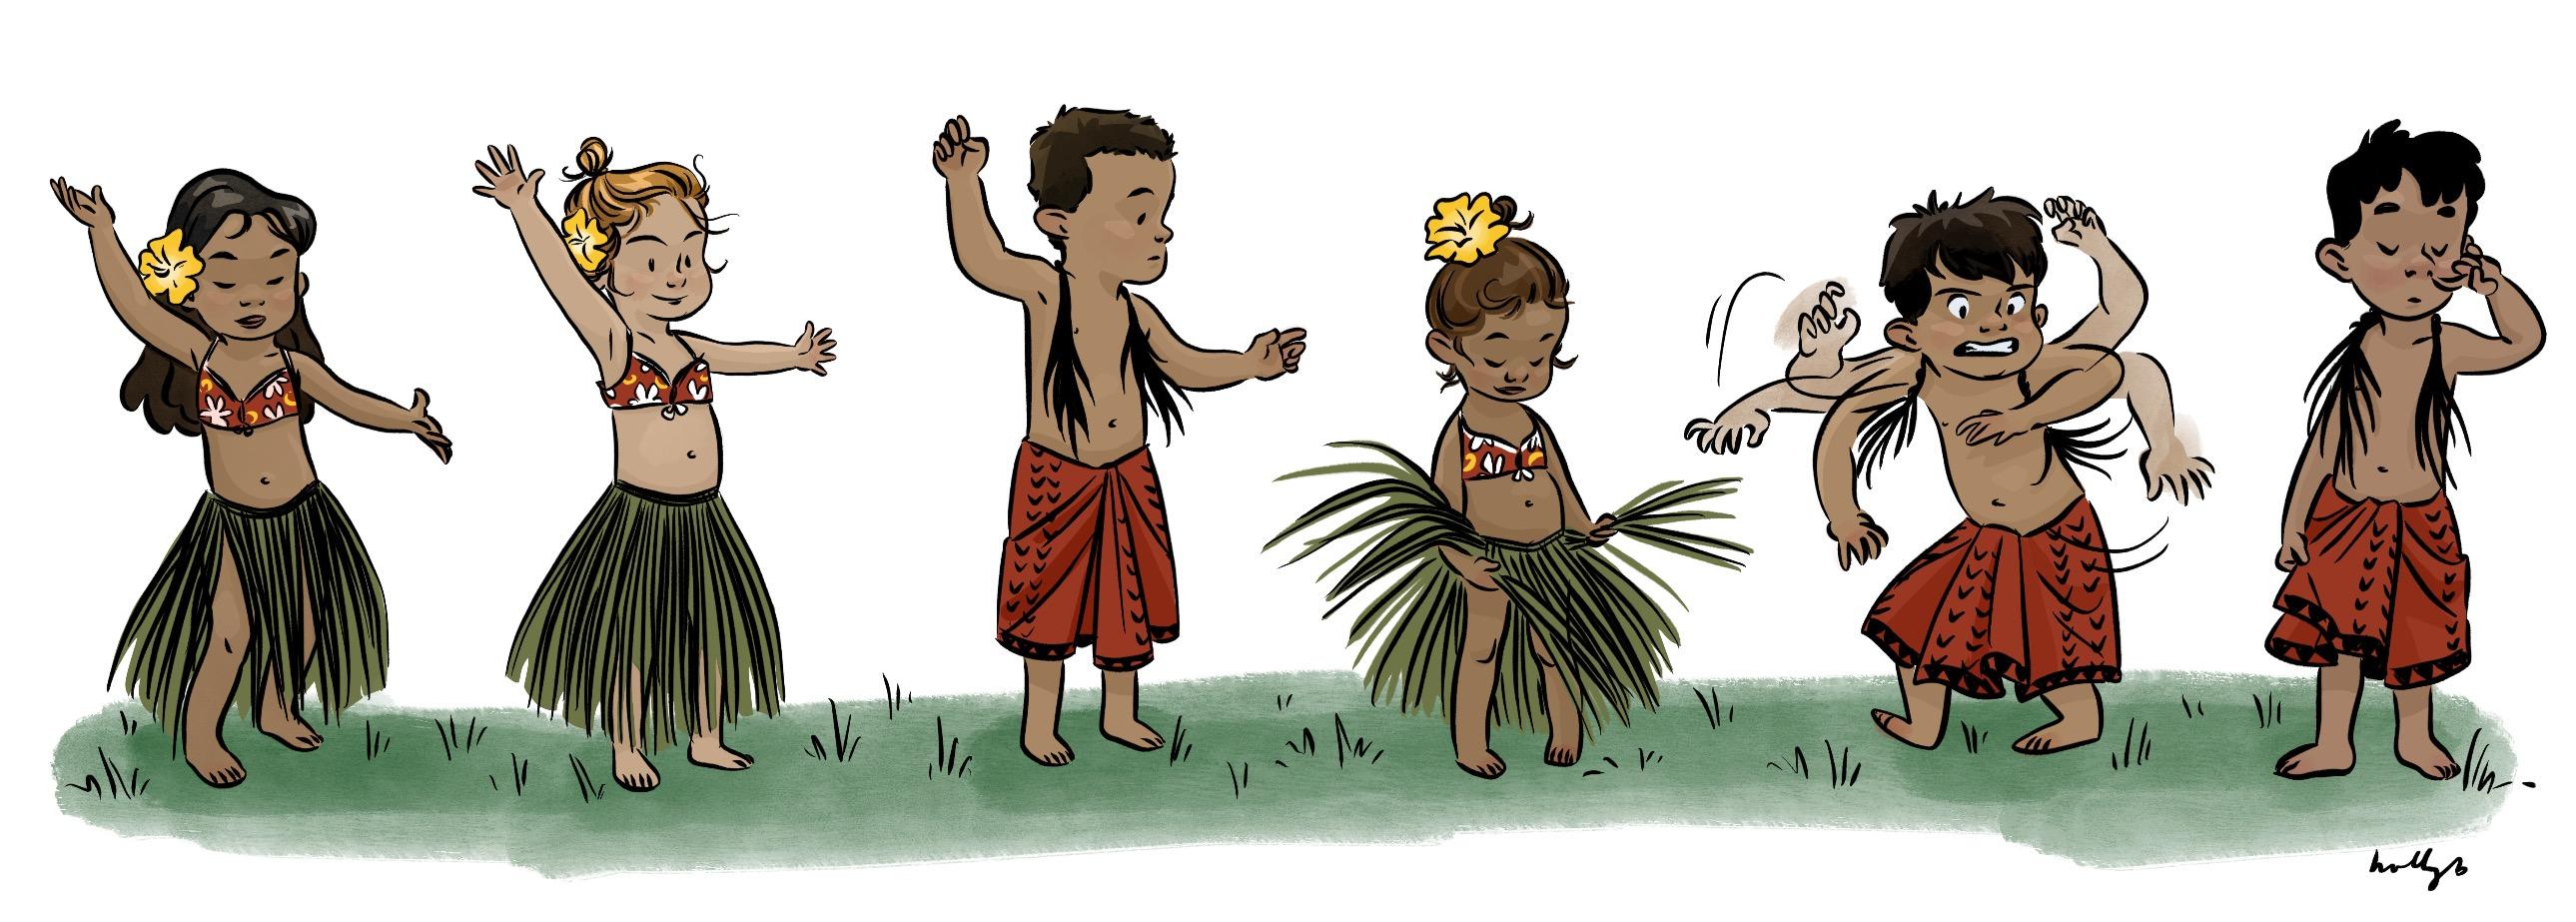 Keiki hula dancers